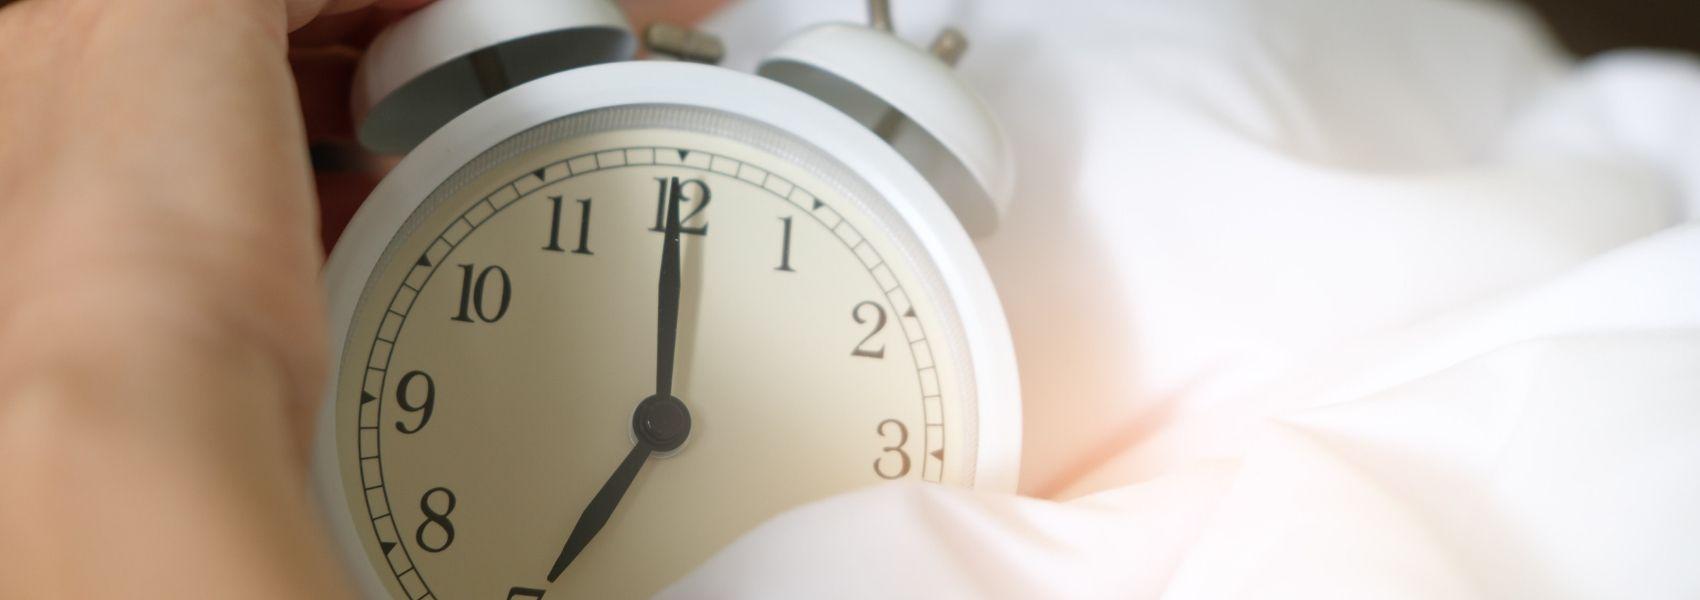 Gestos e hábitos que lhe podem estar a prejudicar o sono